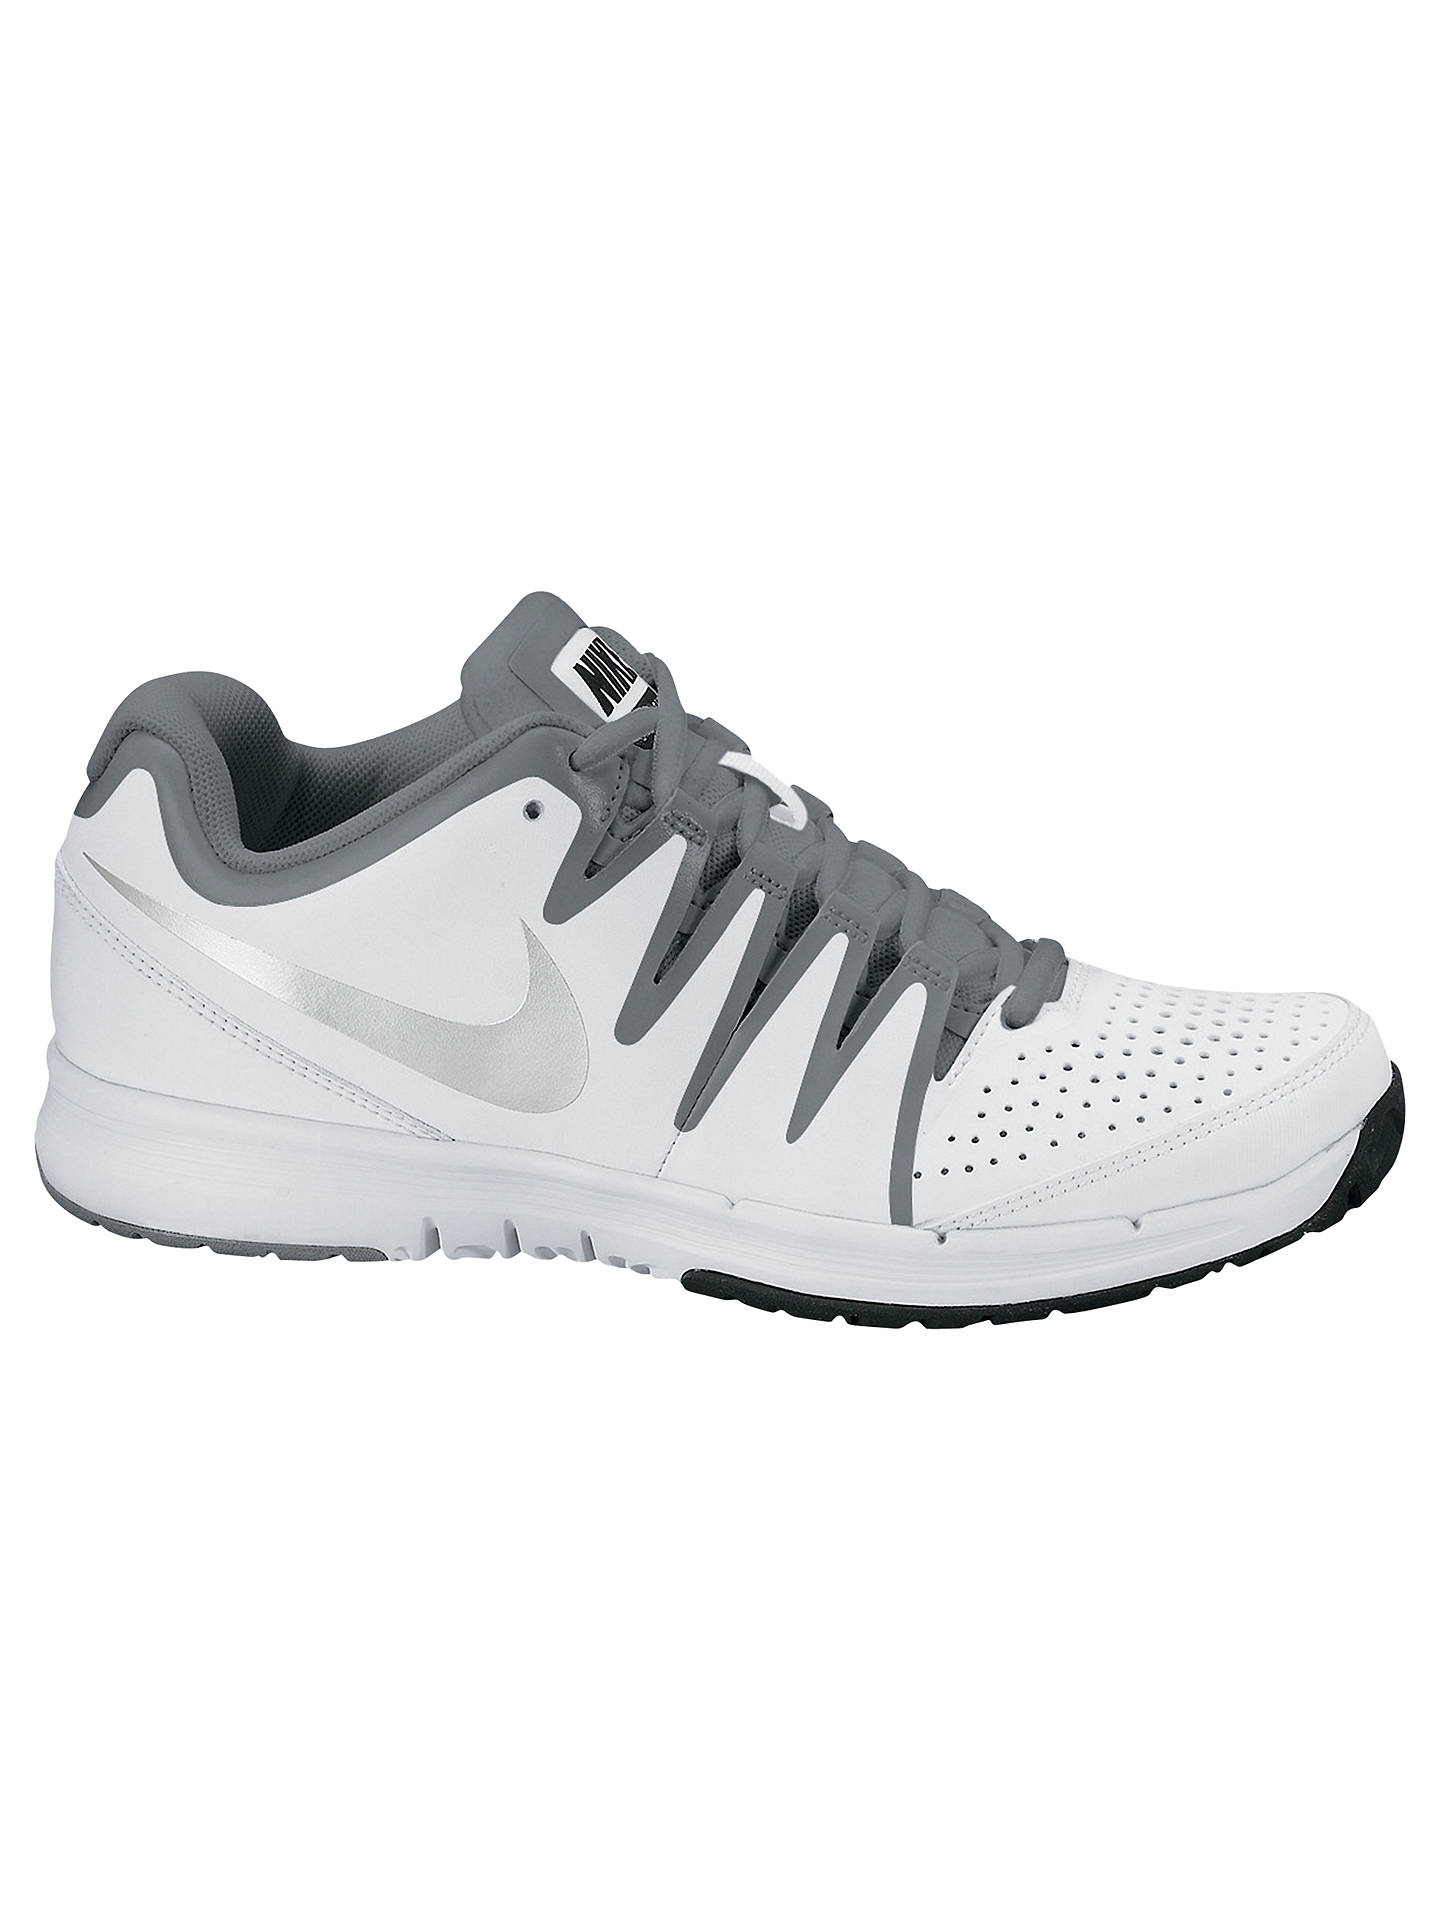 BuyNike Women s Air Vapor Court Tennis Shoes 9f8b6920e5